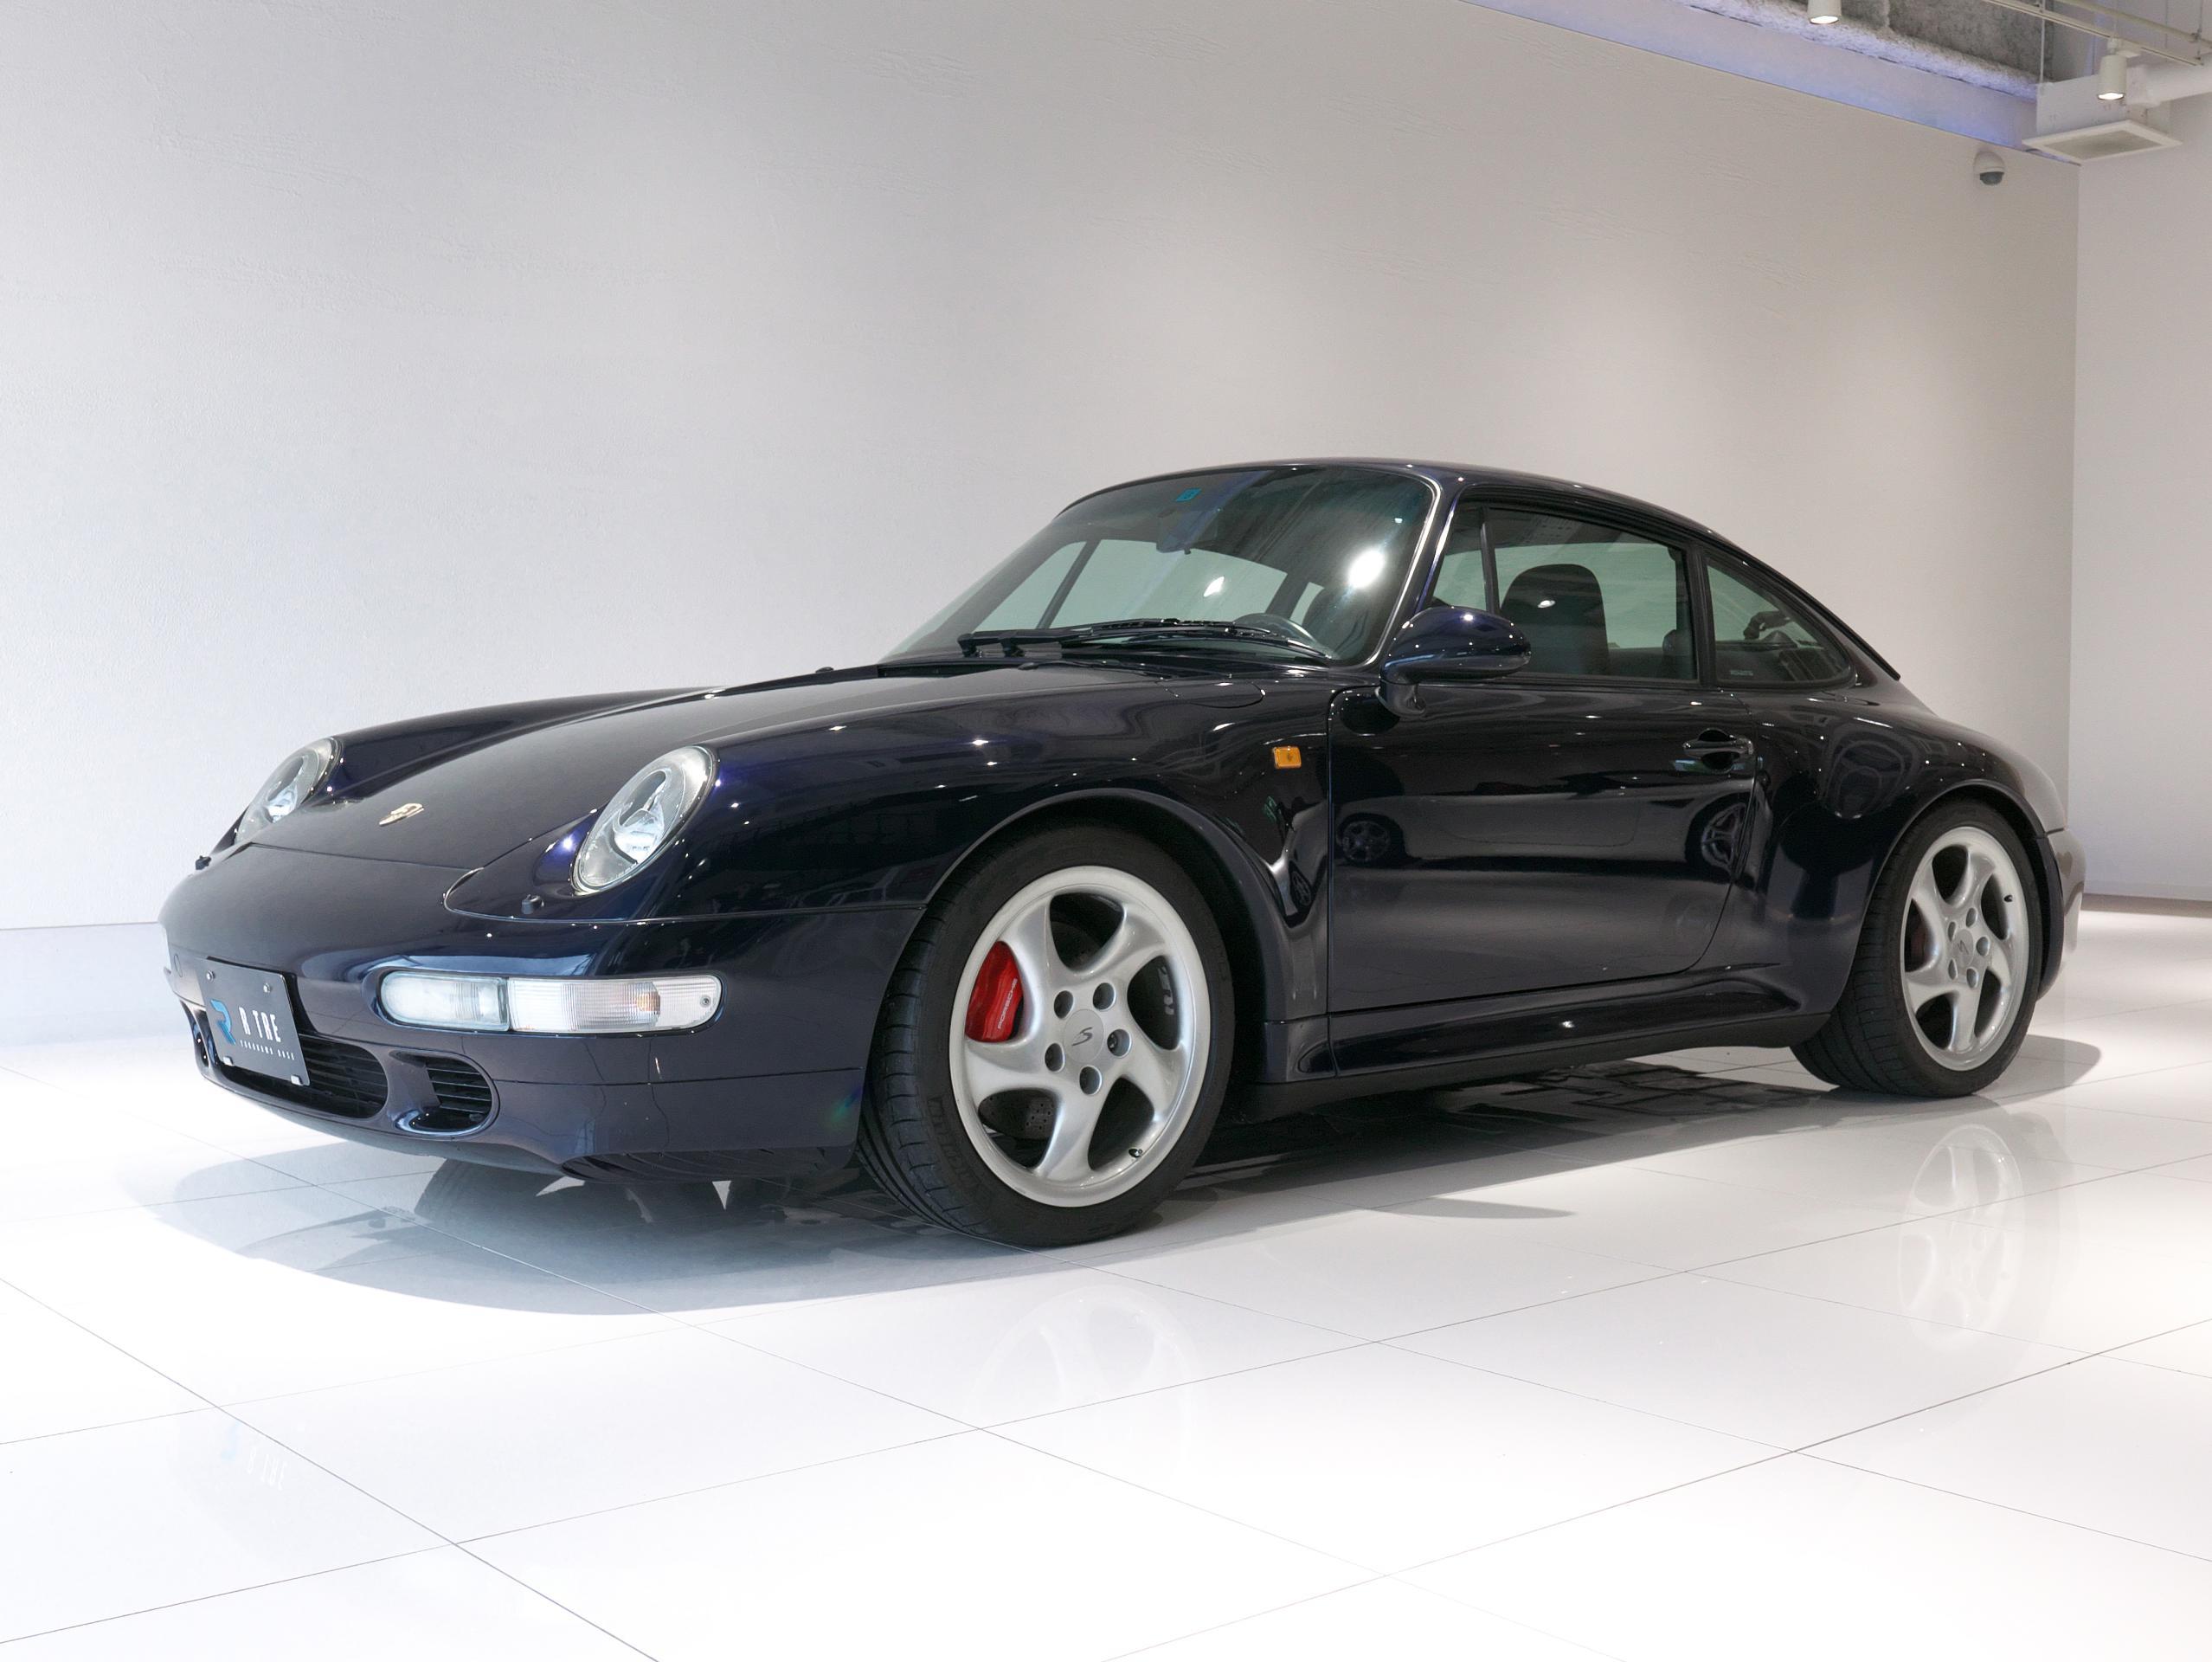 ポルシェ 911 カレラ4S 993 左フロント